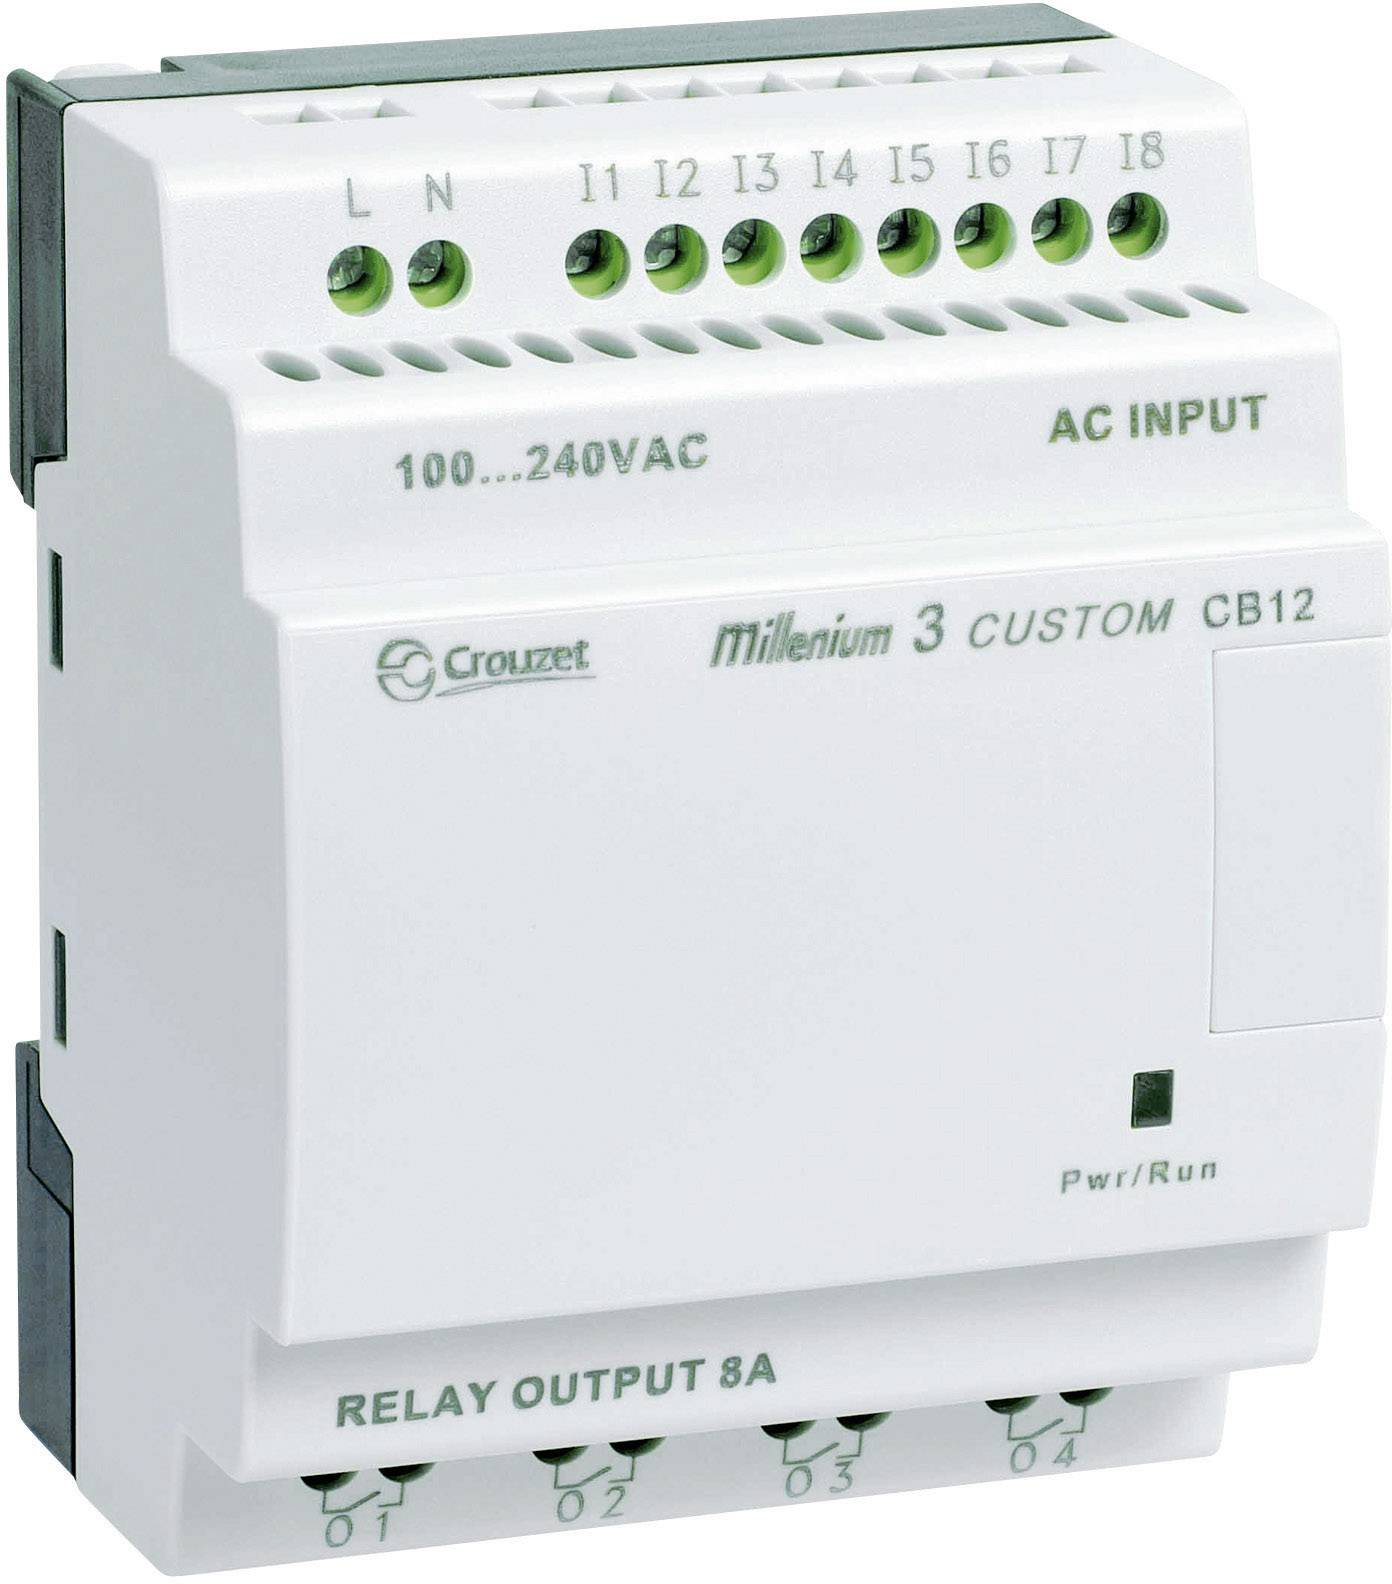 Riadiacimodul Crouzet Millenium 3 CB12 R 88970021, 24 V/DC